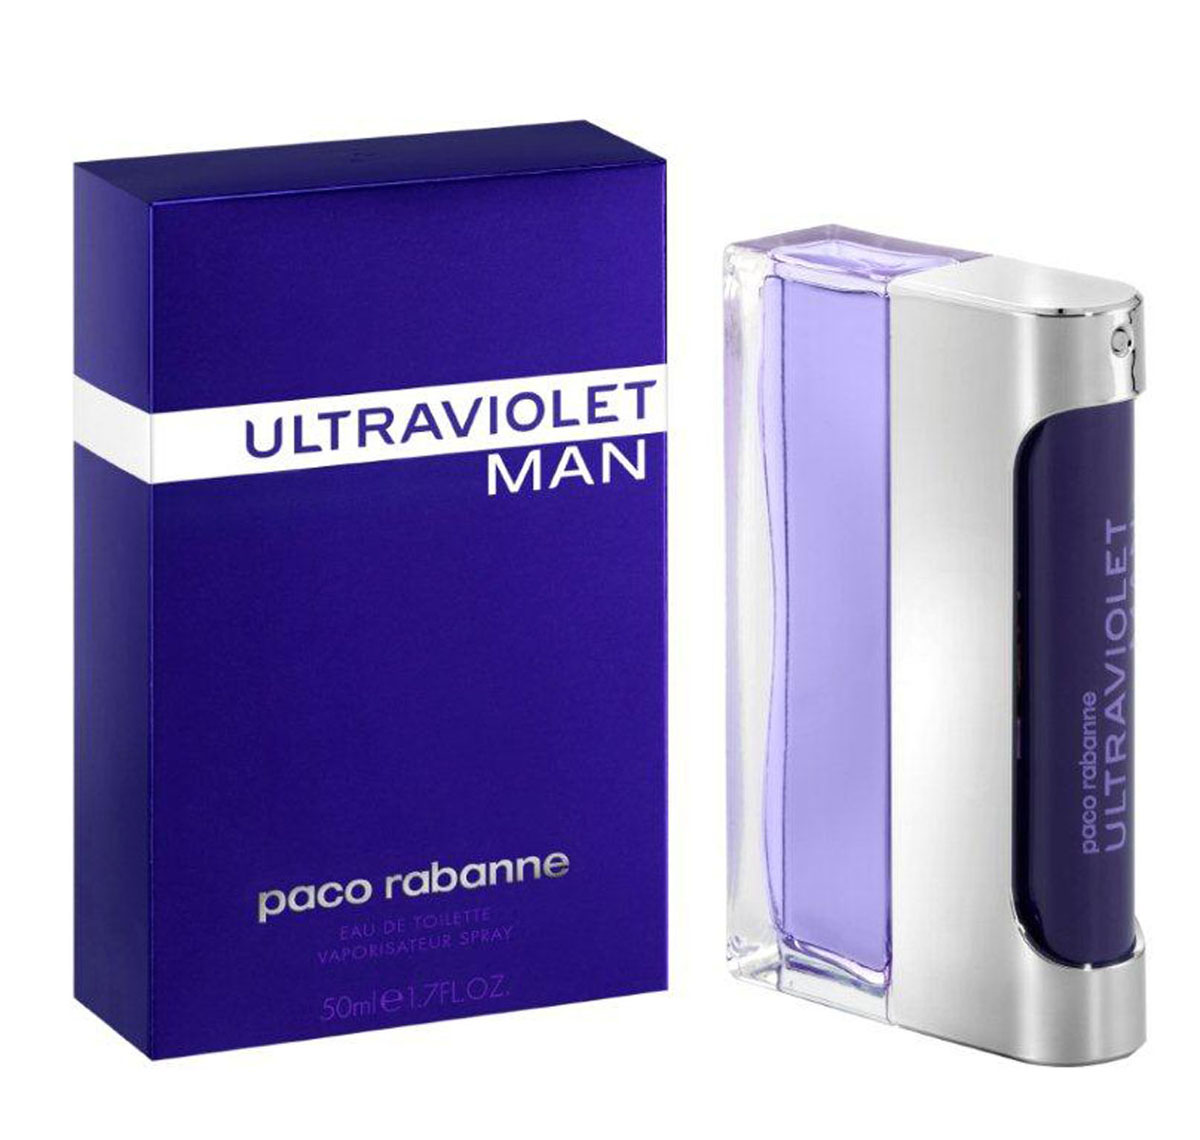 Paco Rabanne Туалетная вода Ultraviolet Man, мужская, 50 мл3349666010525Герой аромата Ultraviolet от Paco Rabanne ценит новые технологии и не боится отличаться от других. Его привлекает только лучшее. Свежий, древесный, амбровый аромат, олицетворяющий истинно мужскую чувственность, был воссоздан благодаря технологии NATURE PRINT. Сначала аромат раскладывают на молекулы и анализируют, затем идентифицируют и с точностью воссоздают наиболее чистые, устойчивые, лучшие ноты. Начальные ноты аромата – это жидкая мята. Ноты сердца звучат органическим ветивером и кристаллическим мхом. Базовые ноты – это серая амбра. Верхняя нота: Русский кориандр, итальянская мята. Средняя нота: Черный перец из Танзании, серая амбра. Шлейф: Пачули из Индонезии, дубовый мох. Руский кориандр, итальянская мята - яркие неземные аккорды аромата.Краткий гид по парфюмерии: виды, ноты, ароматы, советы по выбору. Статья OZON Гид